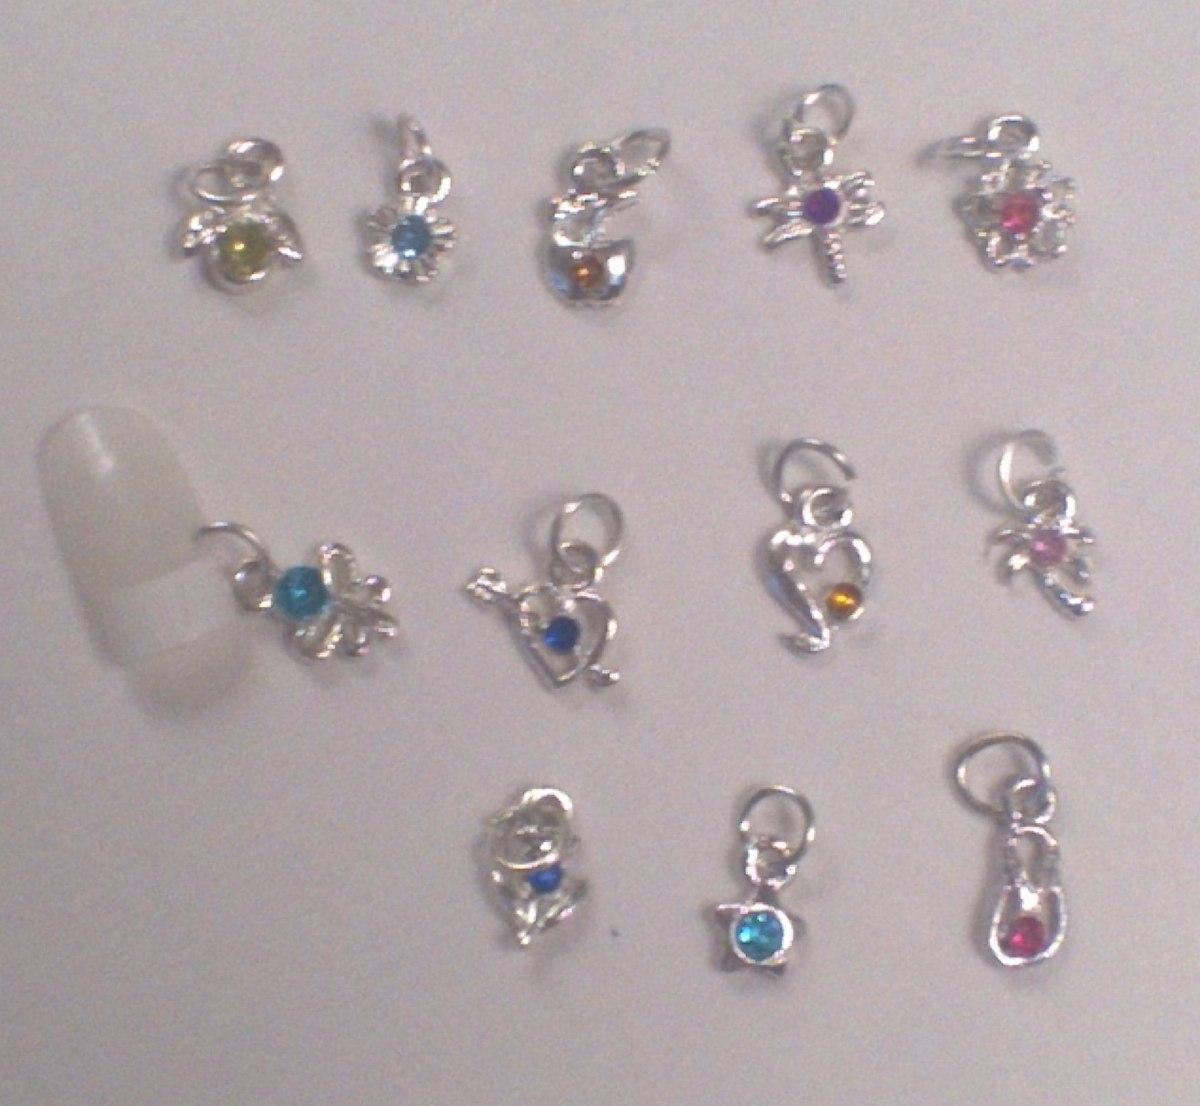 Piercing Para Arte En Uñas Esculpidas - Precio X 2 Unidades - $ 70 ...